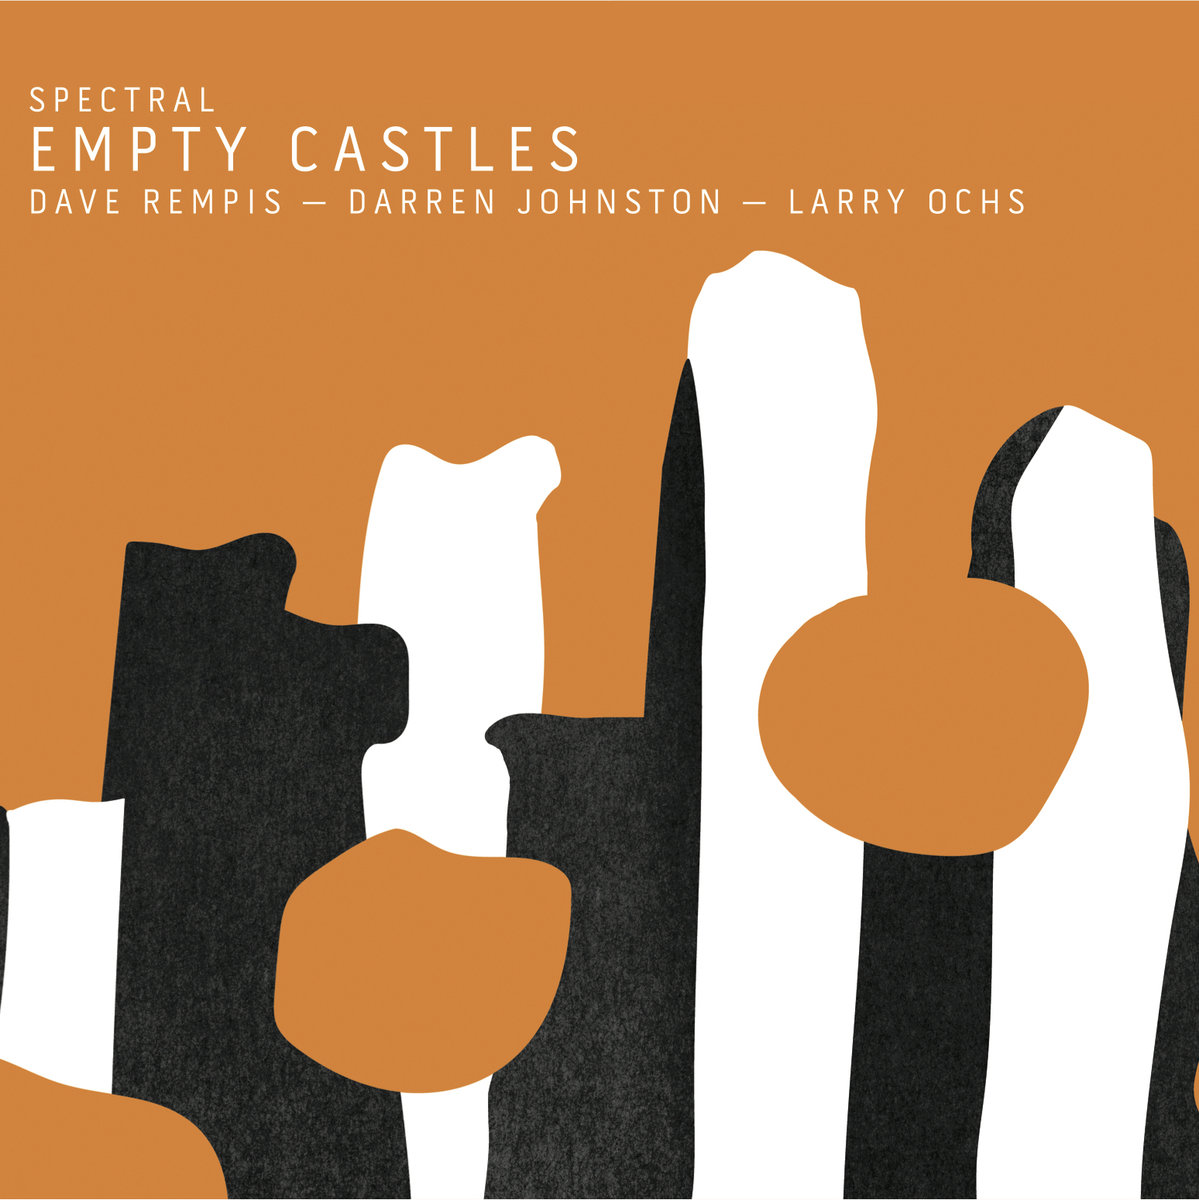 emptycastles